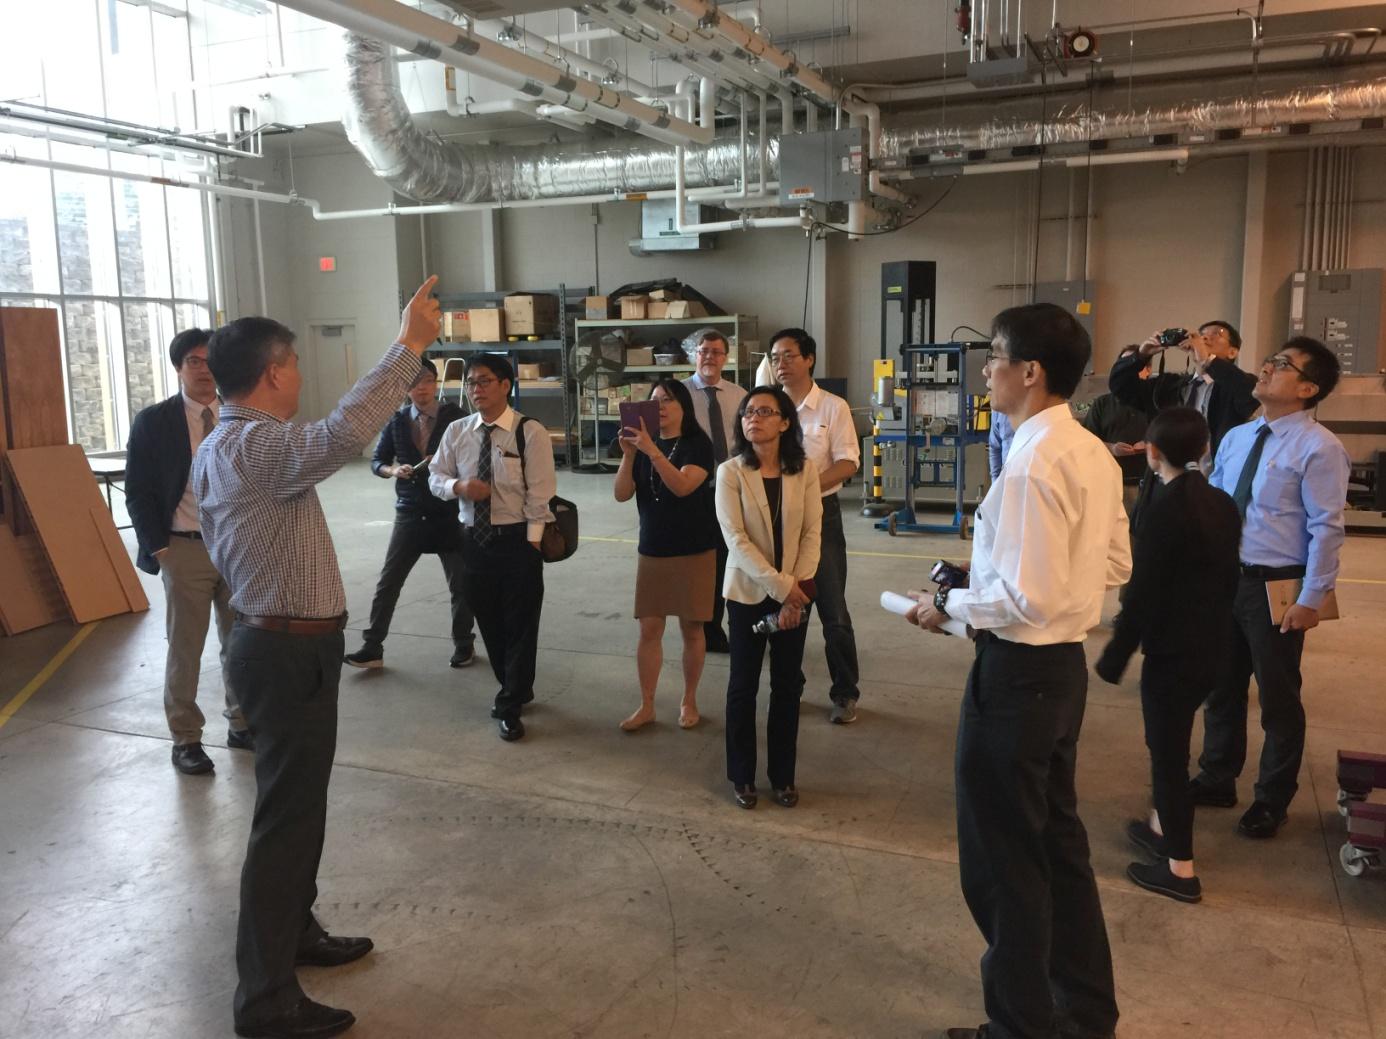 圖2. FPL的 Zhiyong Cai博士介紹複合材料實驗室儀器設備